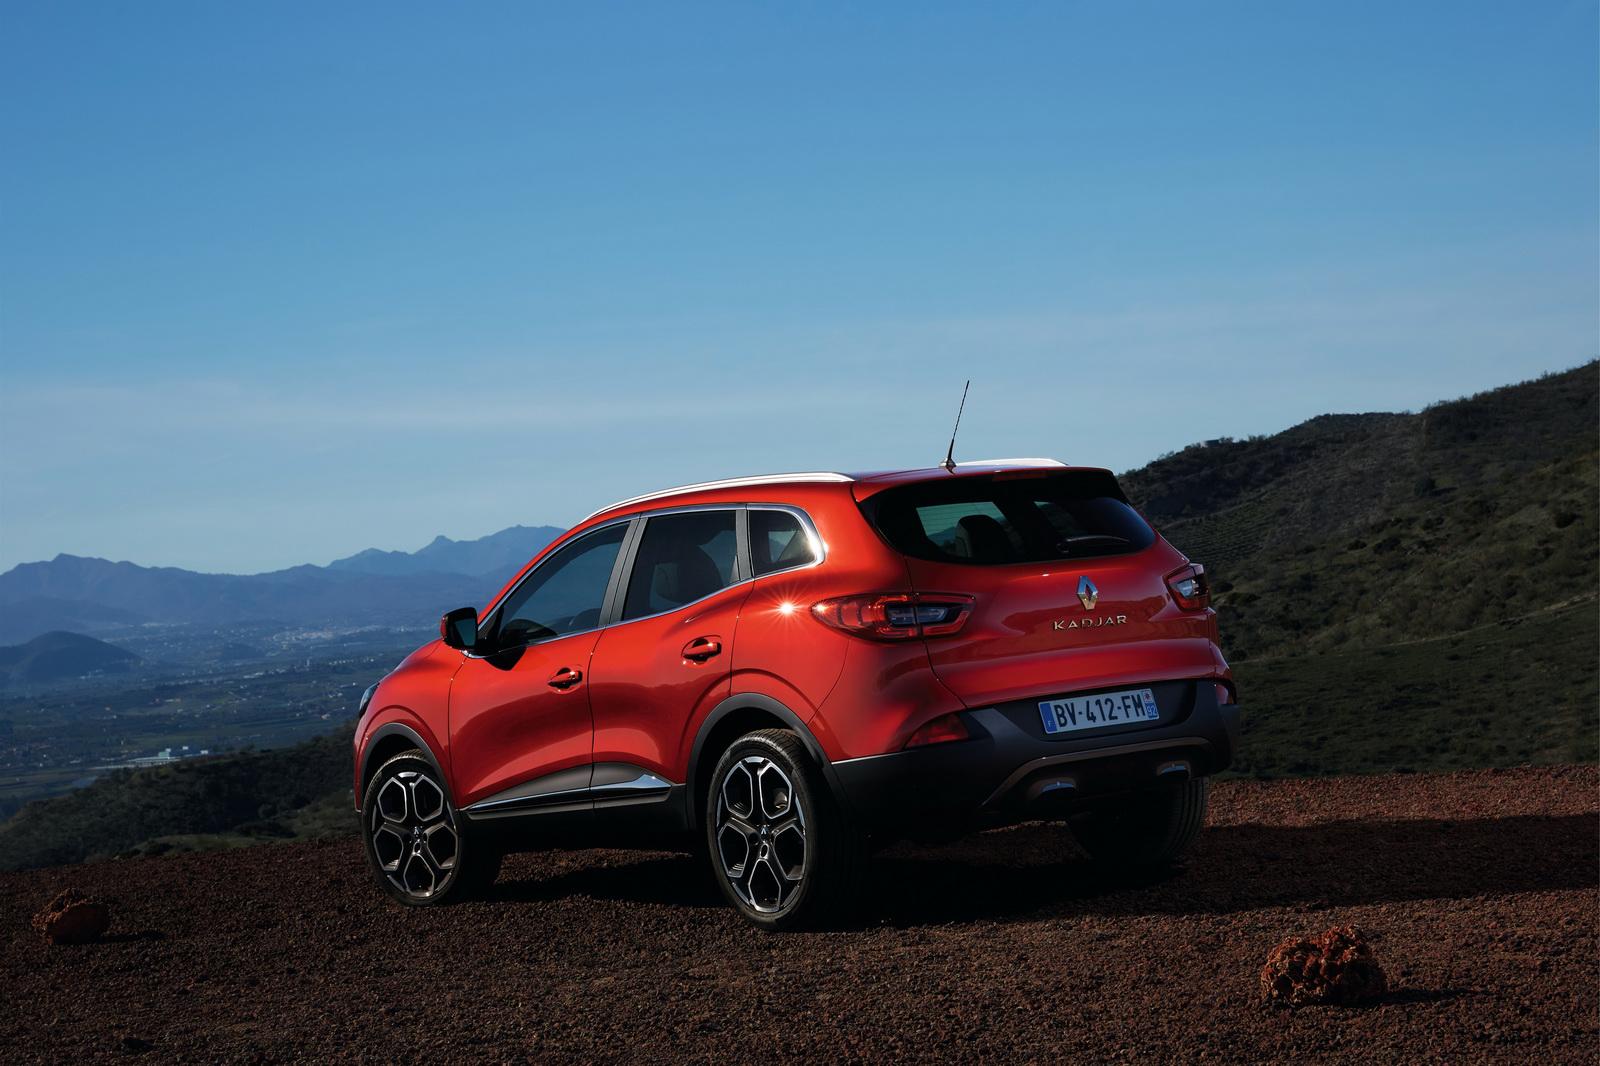 Llega la caja automática CVT al Renault Kadjar: Sólo disponible con un motor diésel